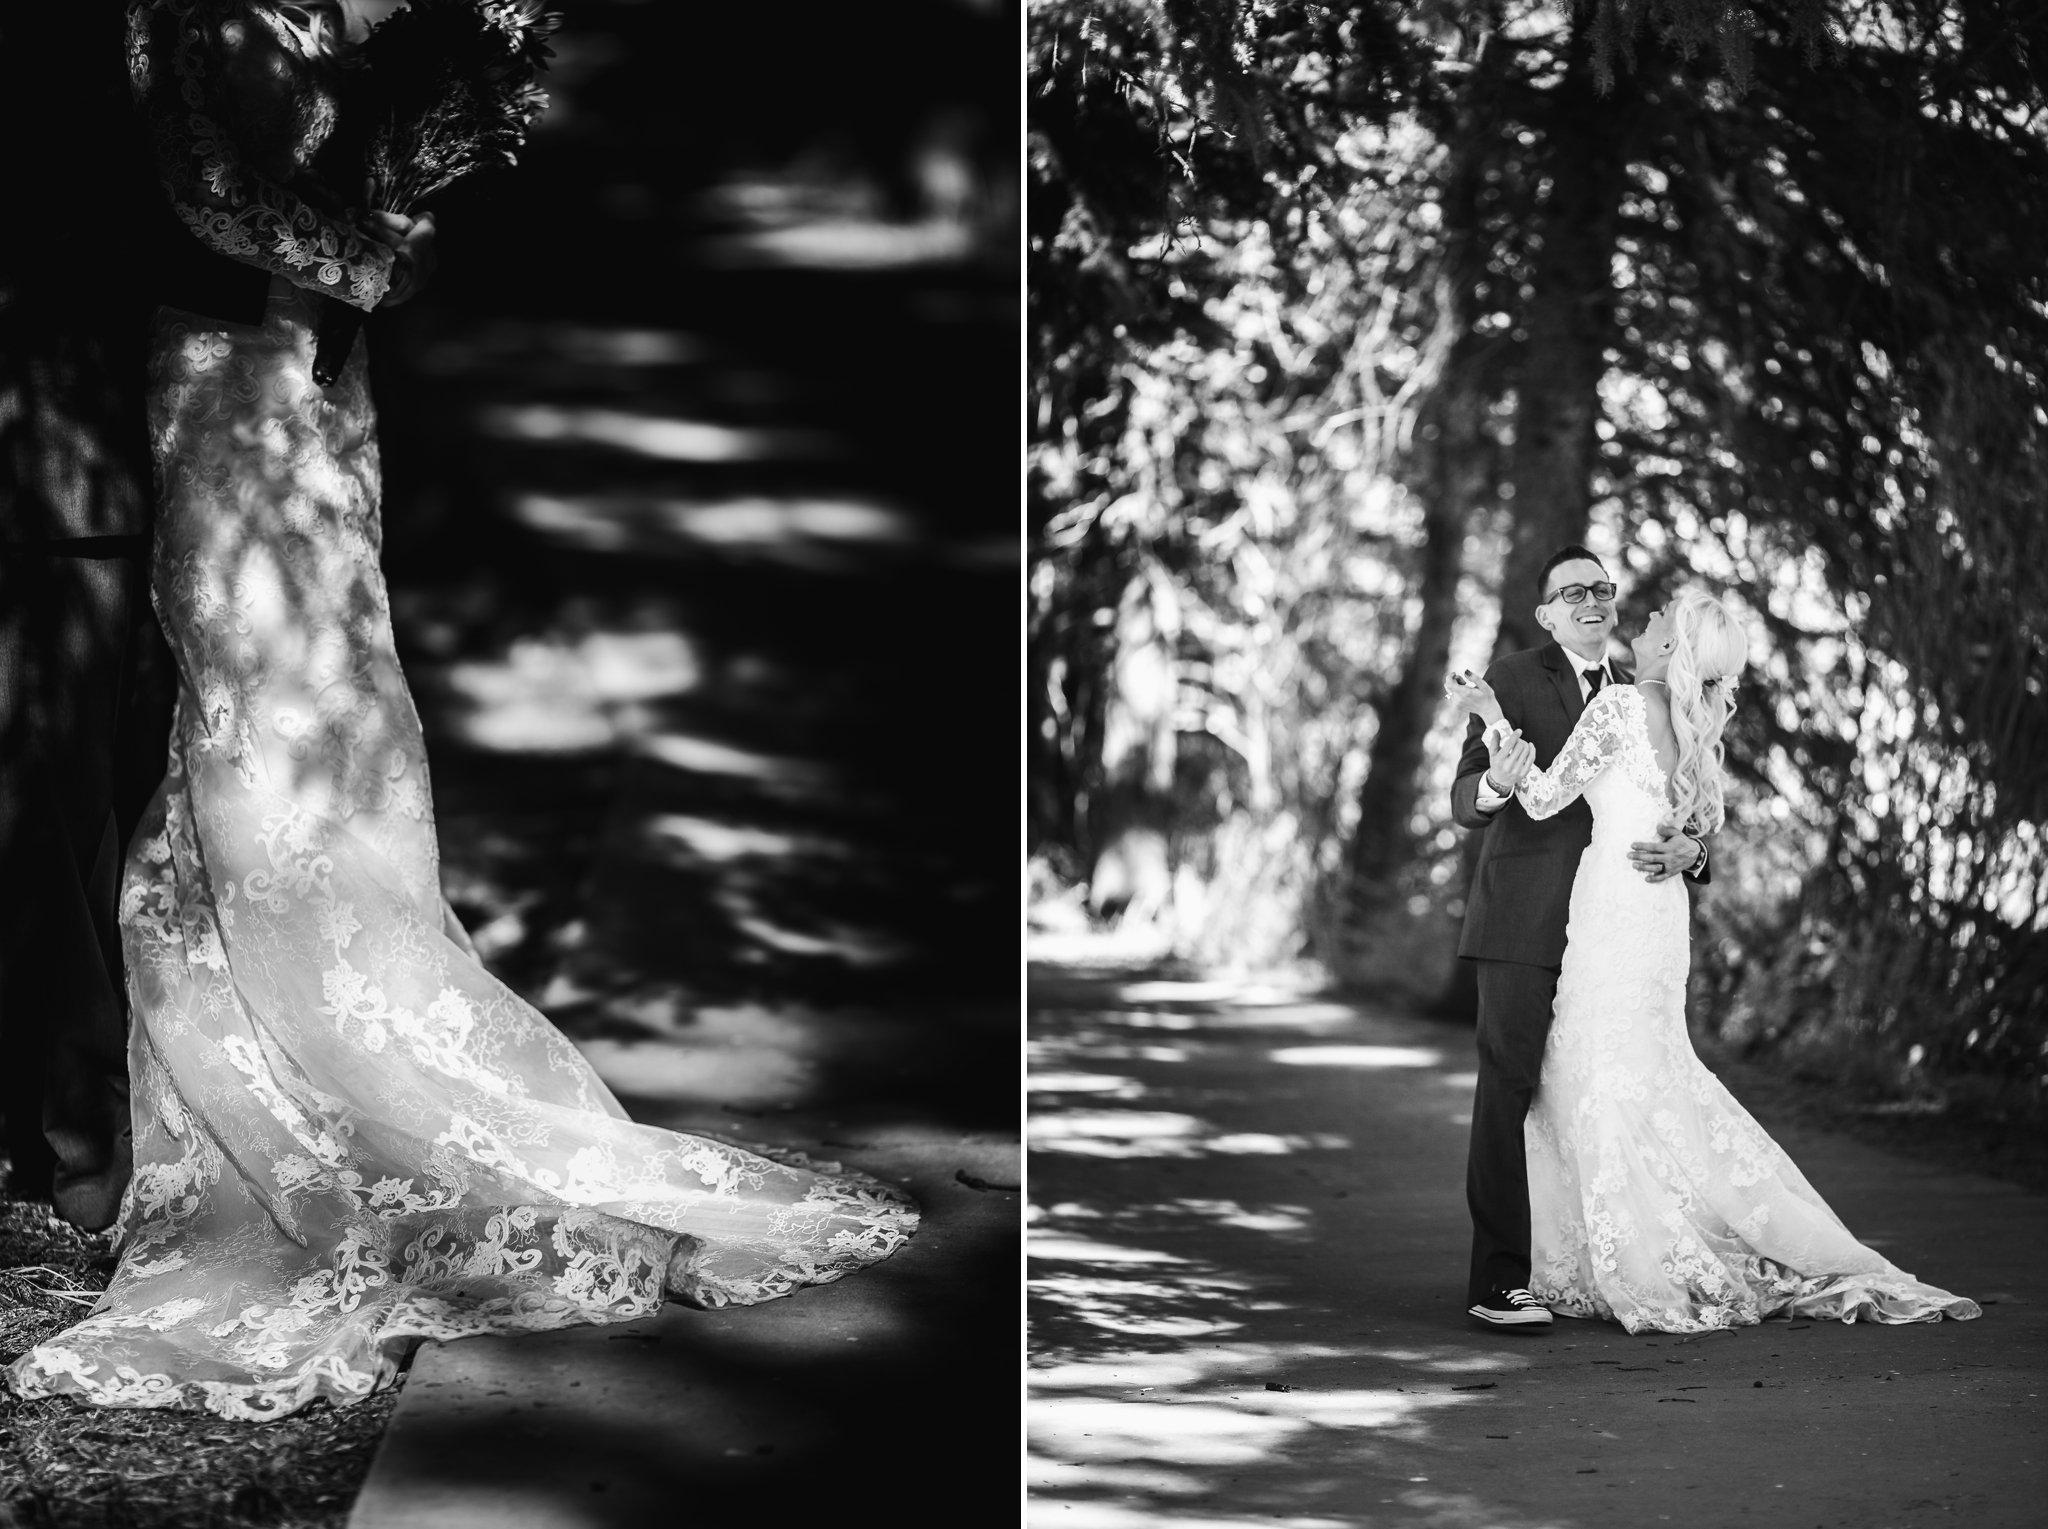 COLORADO WEDDING PHOTOGRAPHER I PINE VALLEY WEDDING, EVERGREEN, COLORADO